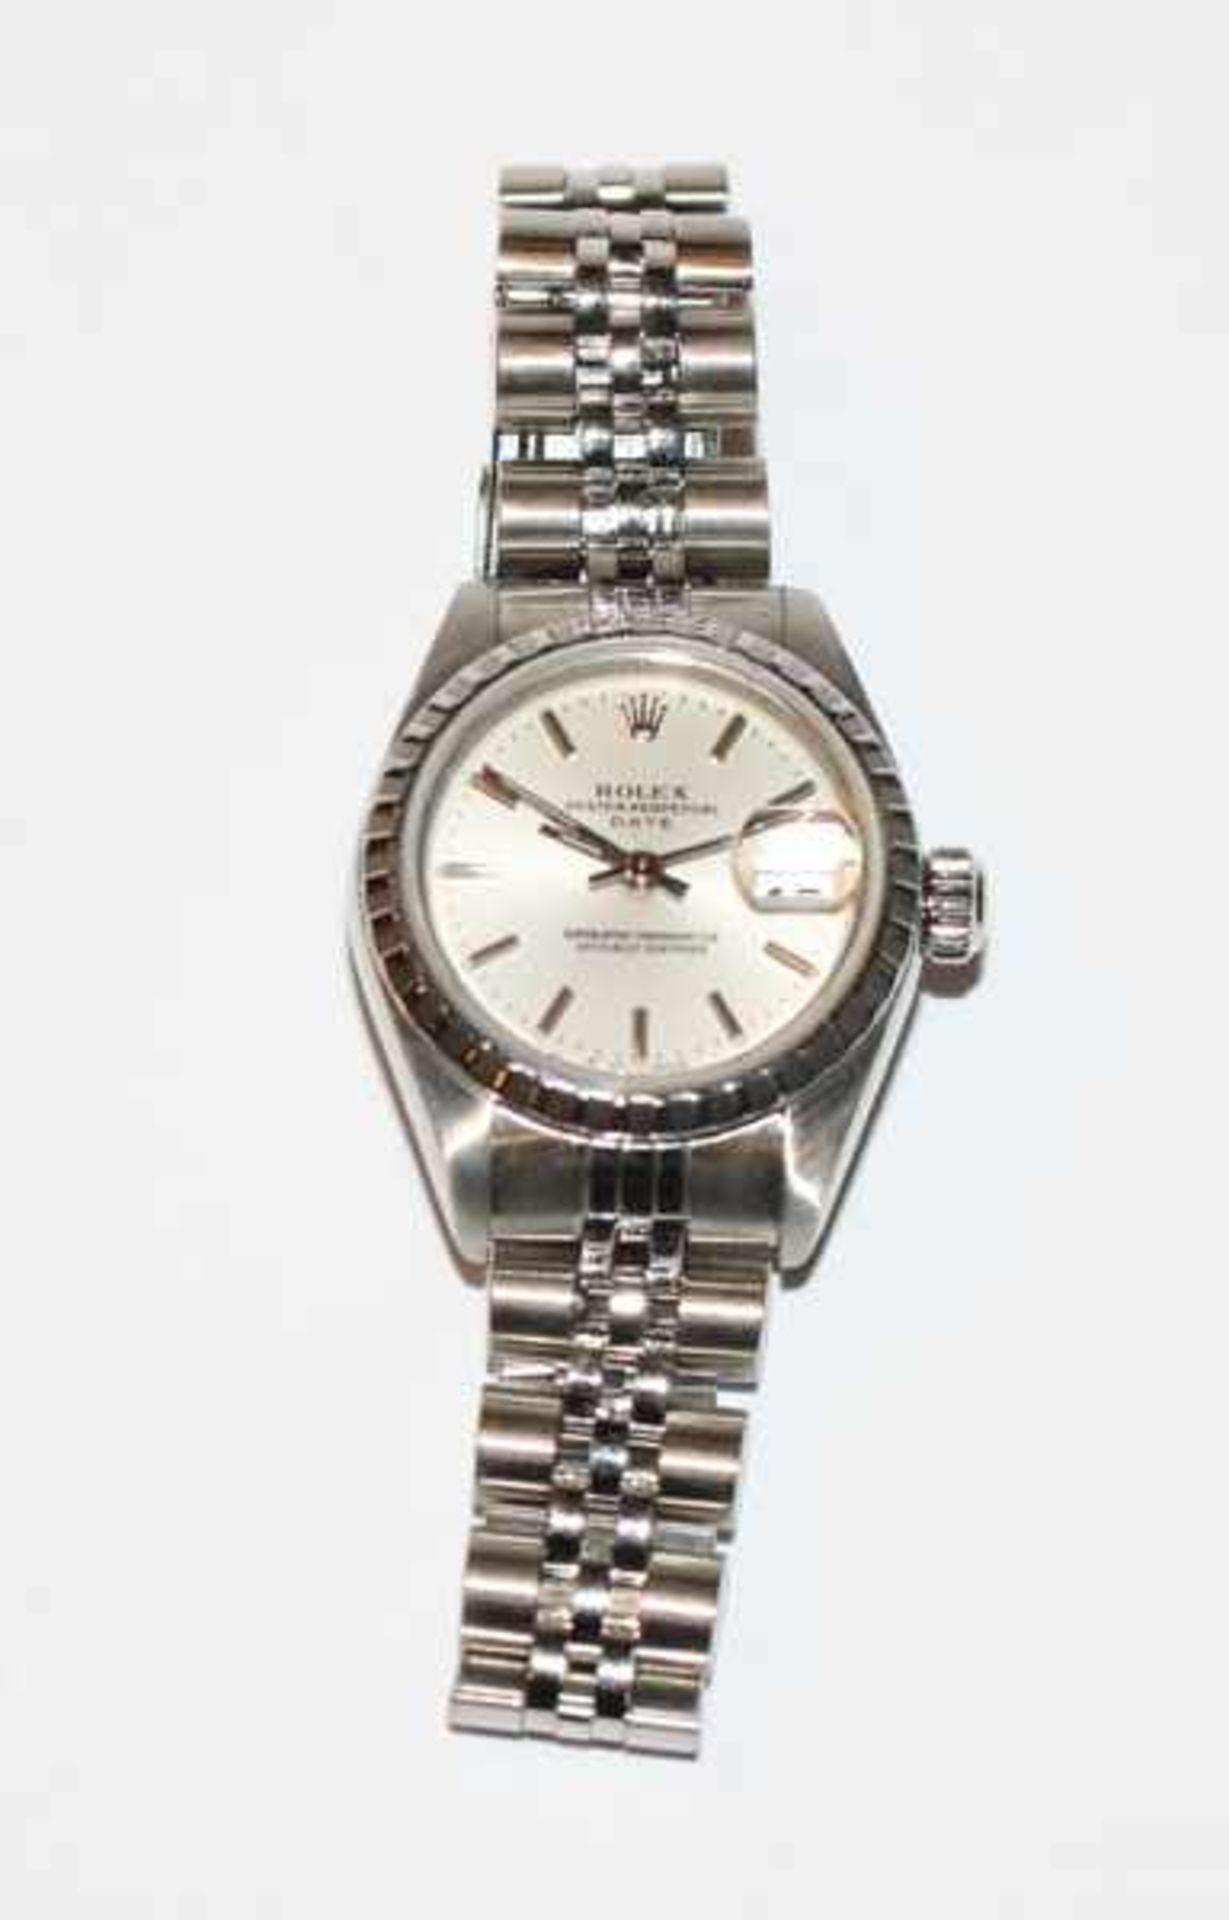 Rolex Damen-Armbanduhr 'Oyster Perpetual Datejust', Stahl, Automatik-Werk, mit Papieren in